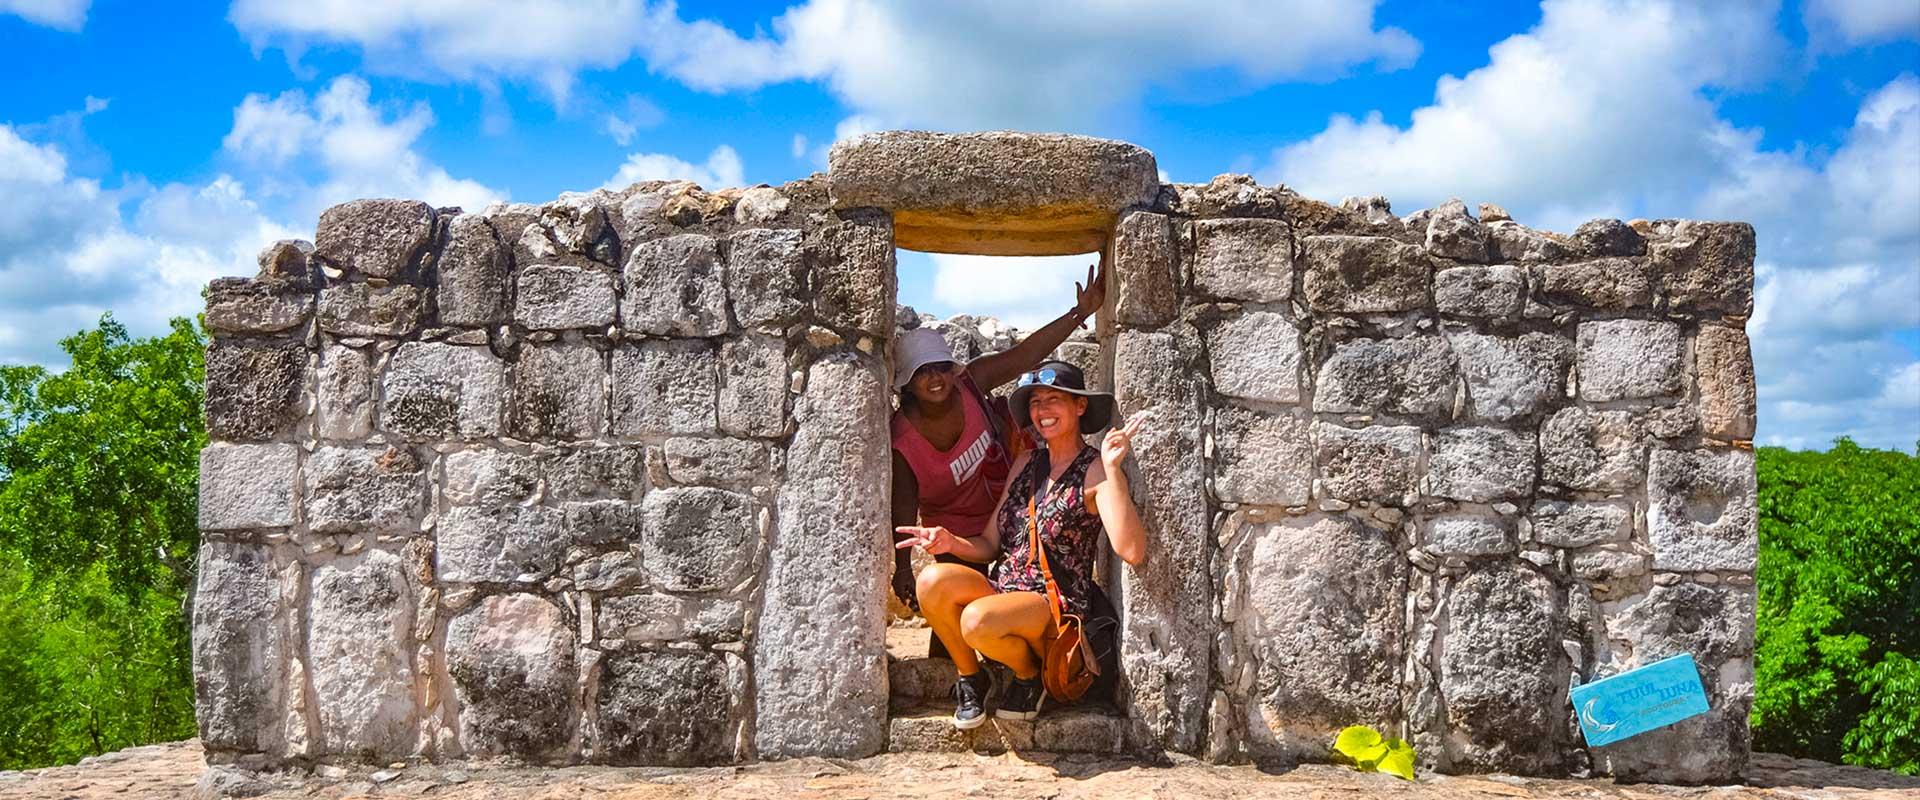 excursie riviera maya